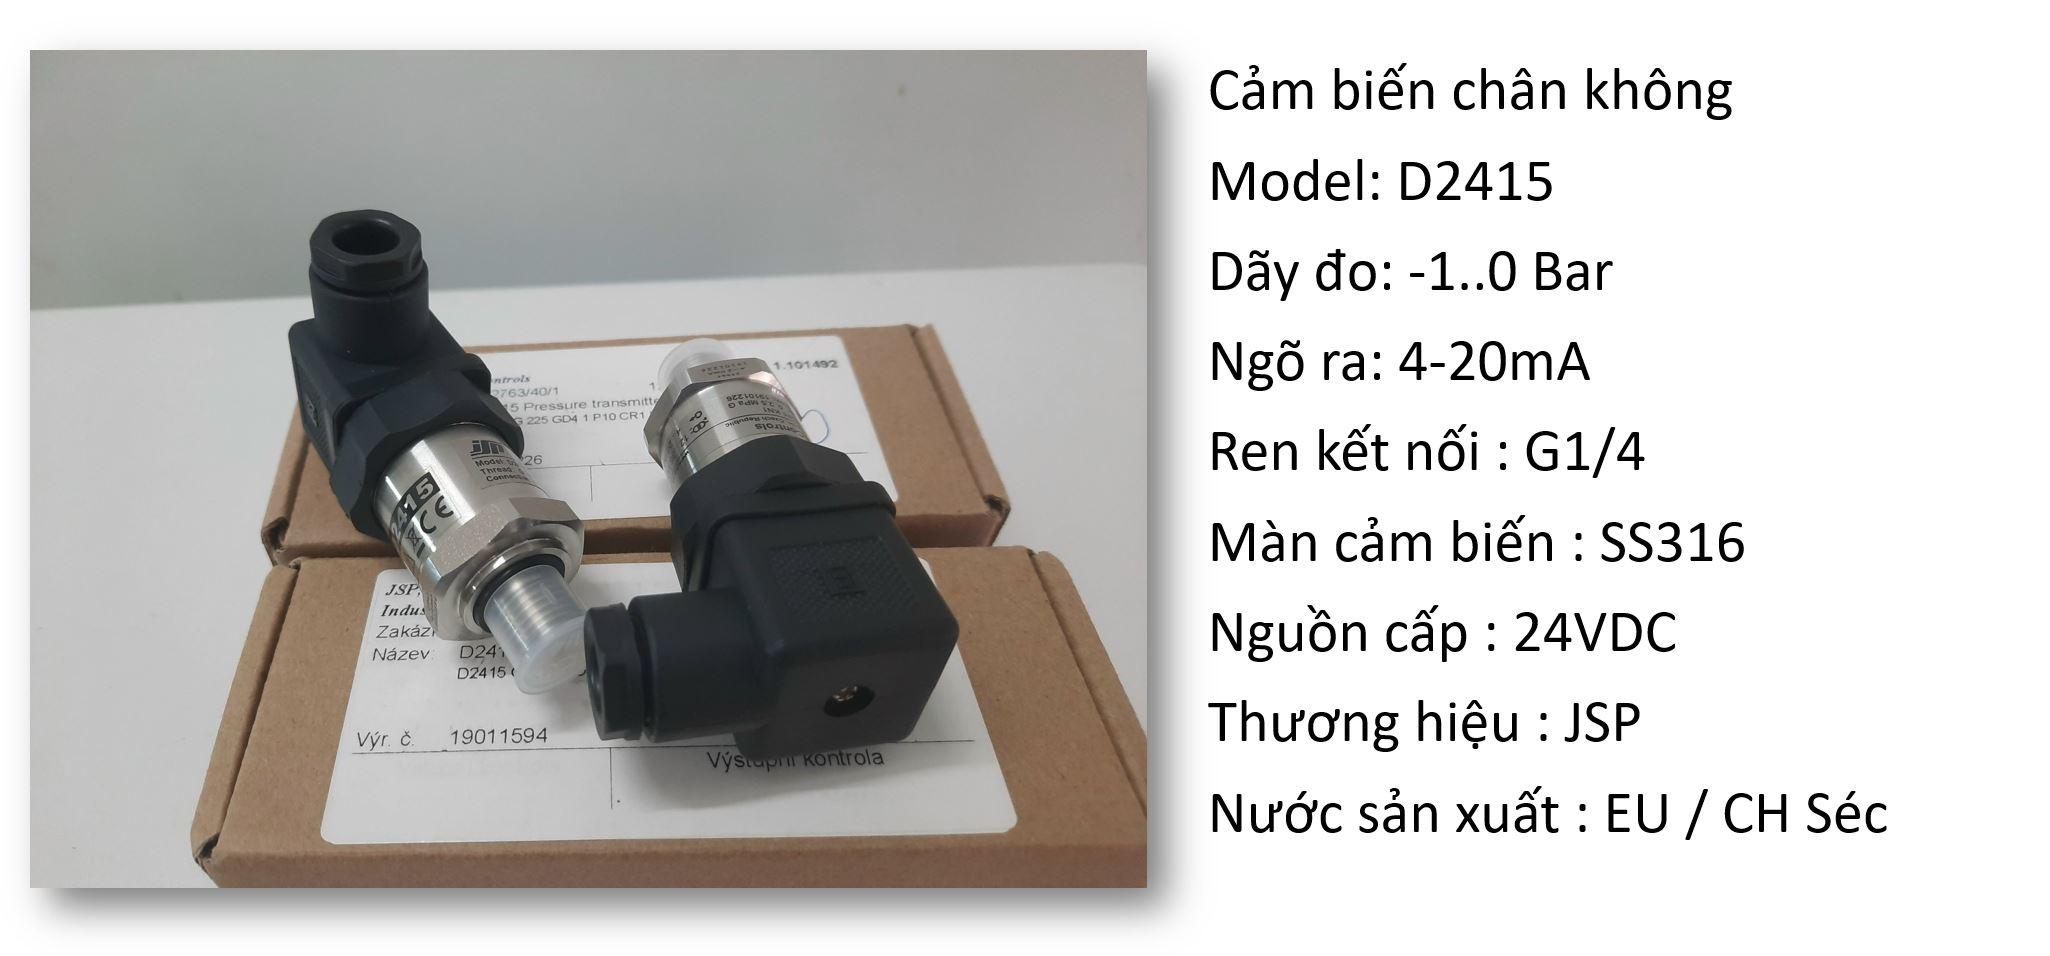 Thông tin cảm biến D2415 đo chân không